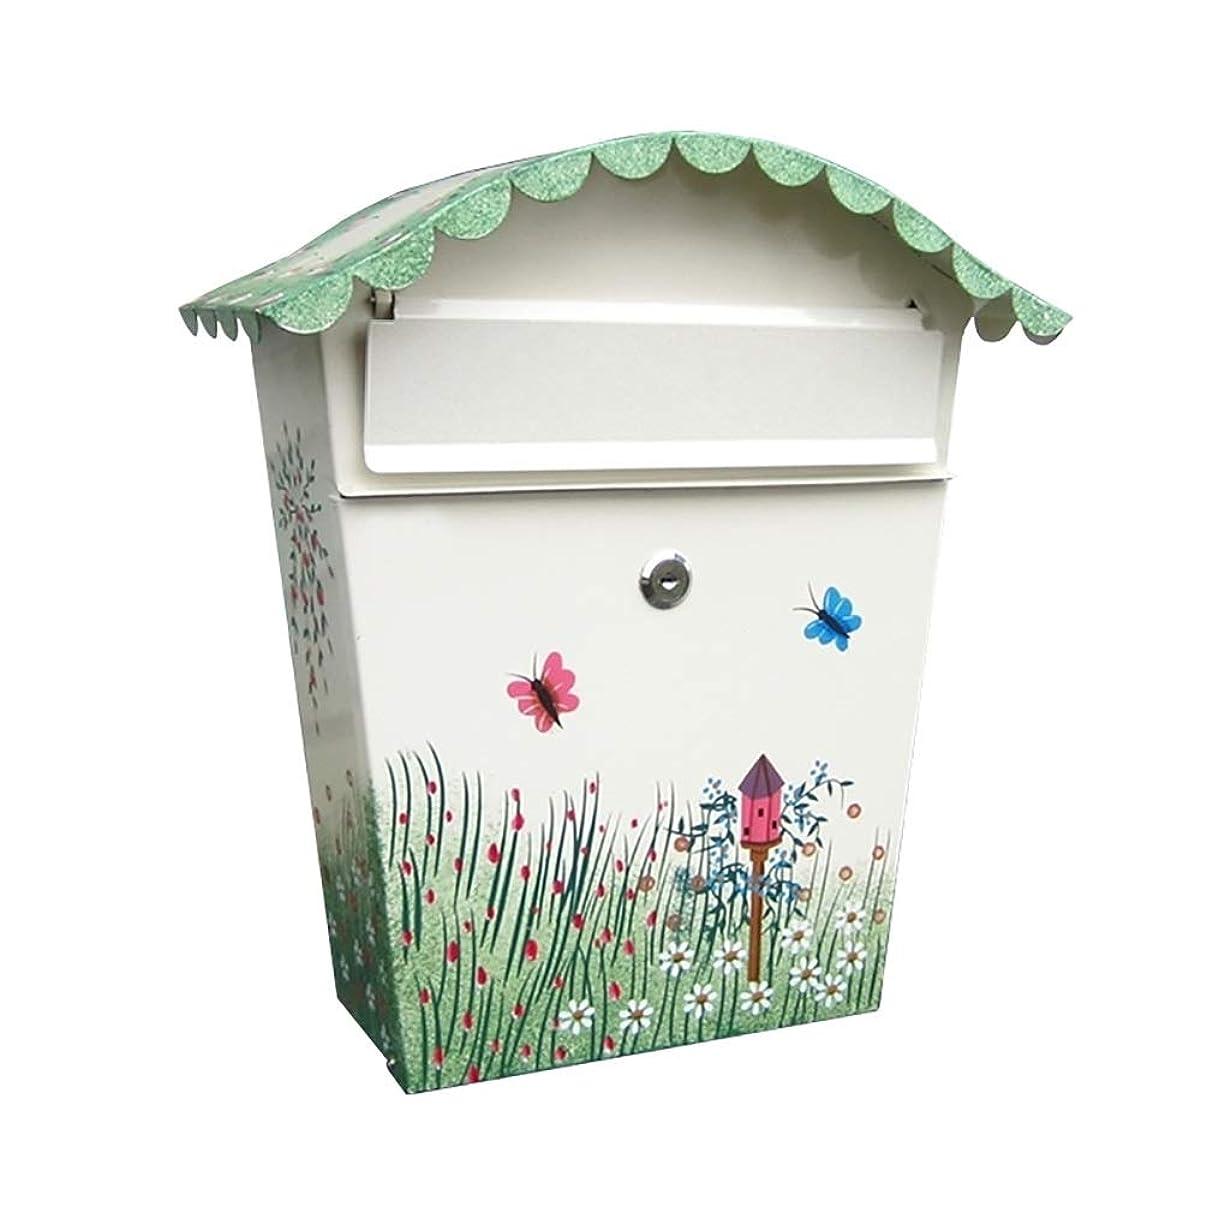 浜辺浜辺優しさ外郵便箱、壁掛けのロック郵便箱、安全な郵便箱、屋外の郵便箱、装飾的な郵便箱、サイズ36.5 * 34 * 13センチメートル (色 : B)